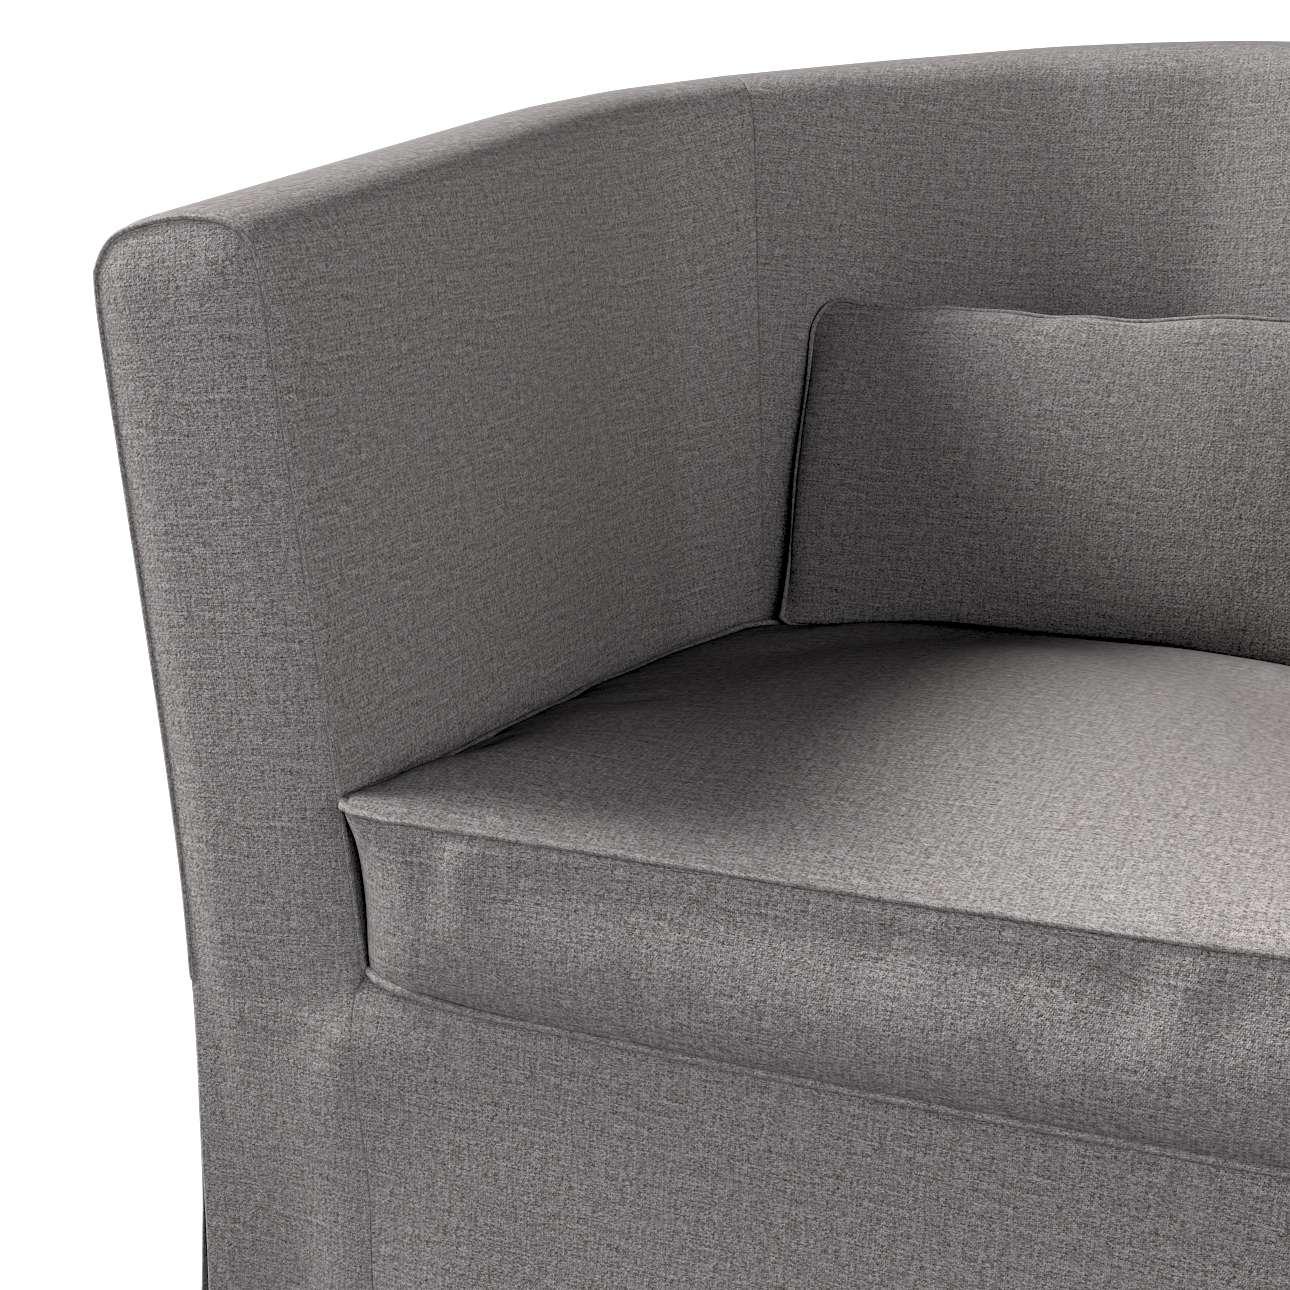 Pokrowiec na fotel Ektorp Tullsta w kolekcji Edinburgh, tkanina: 115-81